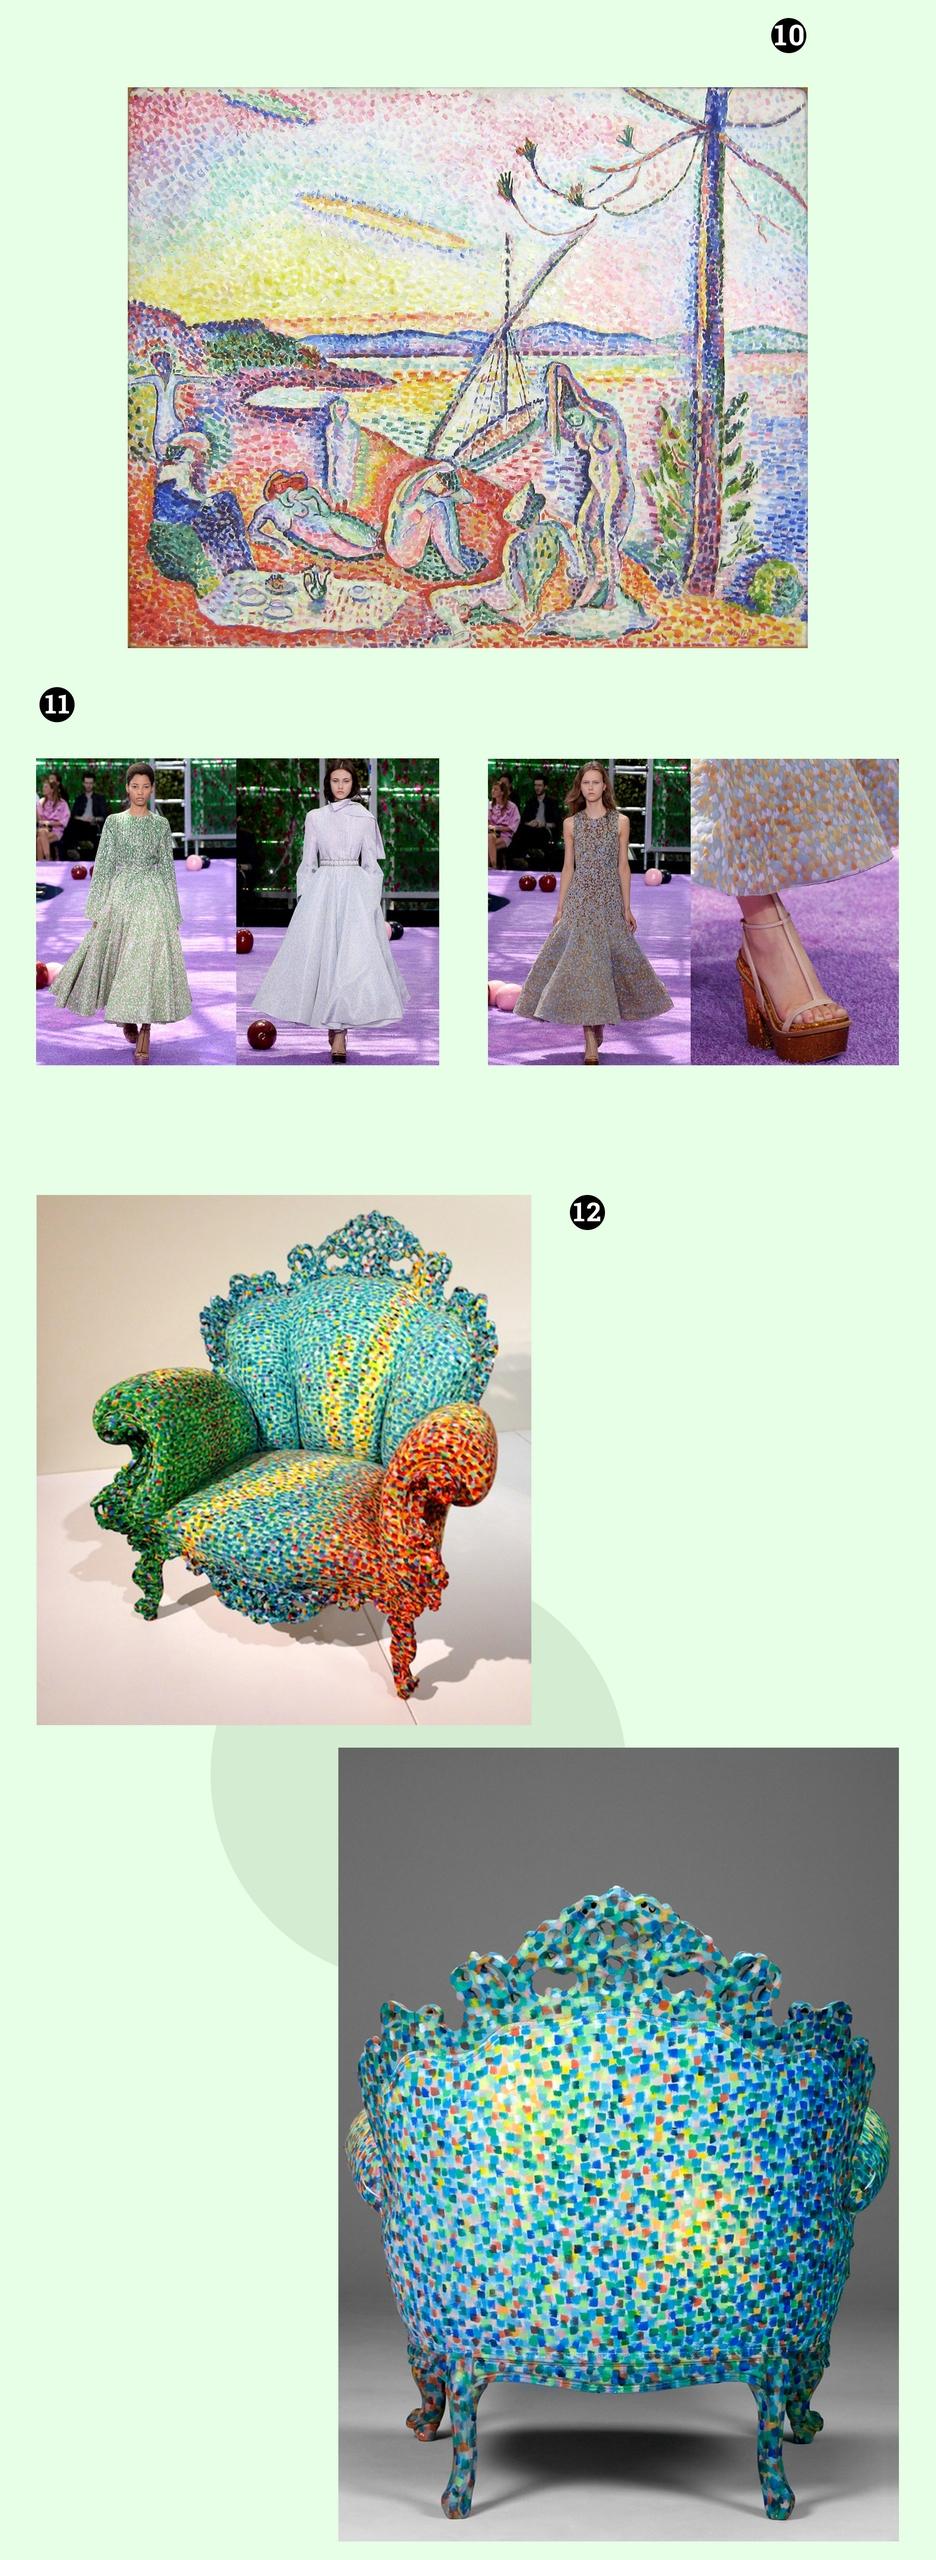 Obraz przedstawia pięć fotografii na zielonym tle. Widzimy kolorowy fotel, obraz i modelki spacerujące po wybiegu.